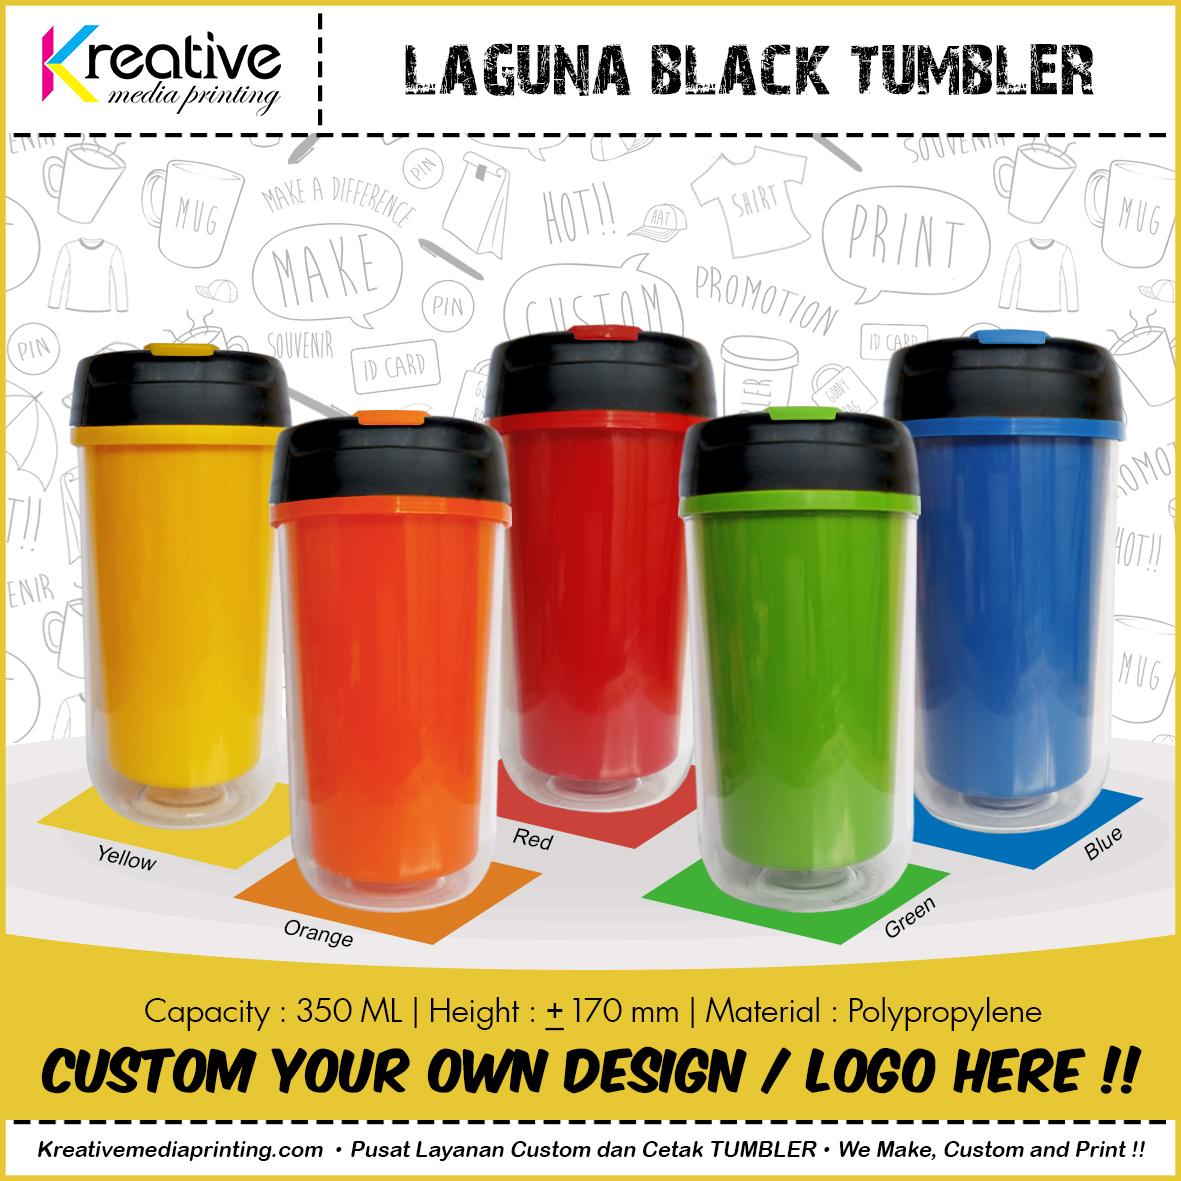 Cetak Tumbler Laguna Black (2)